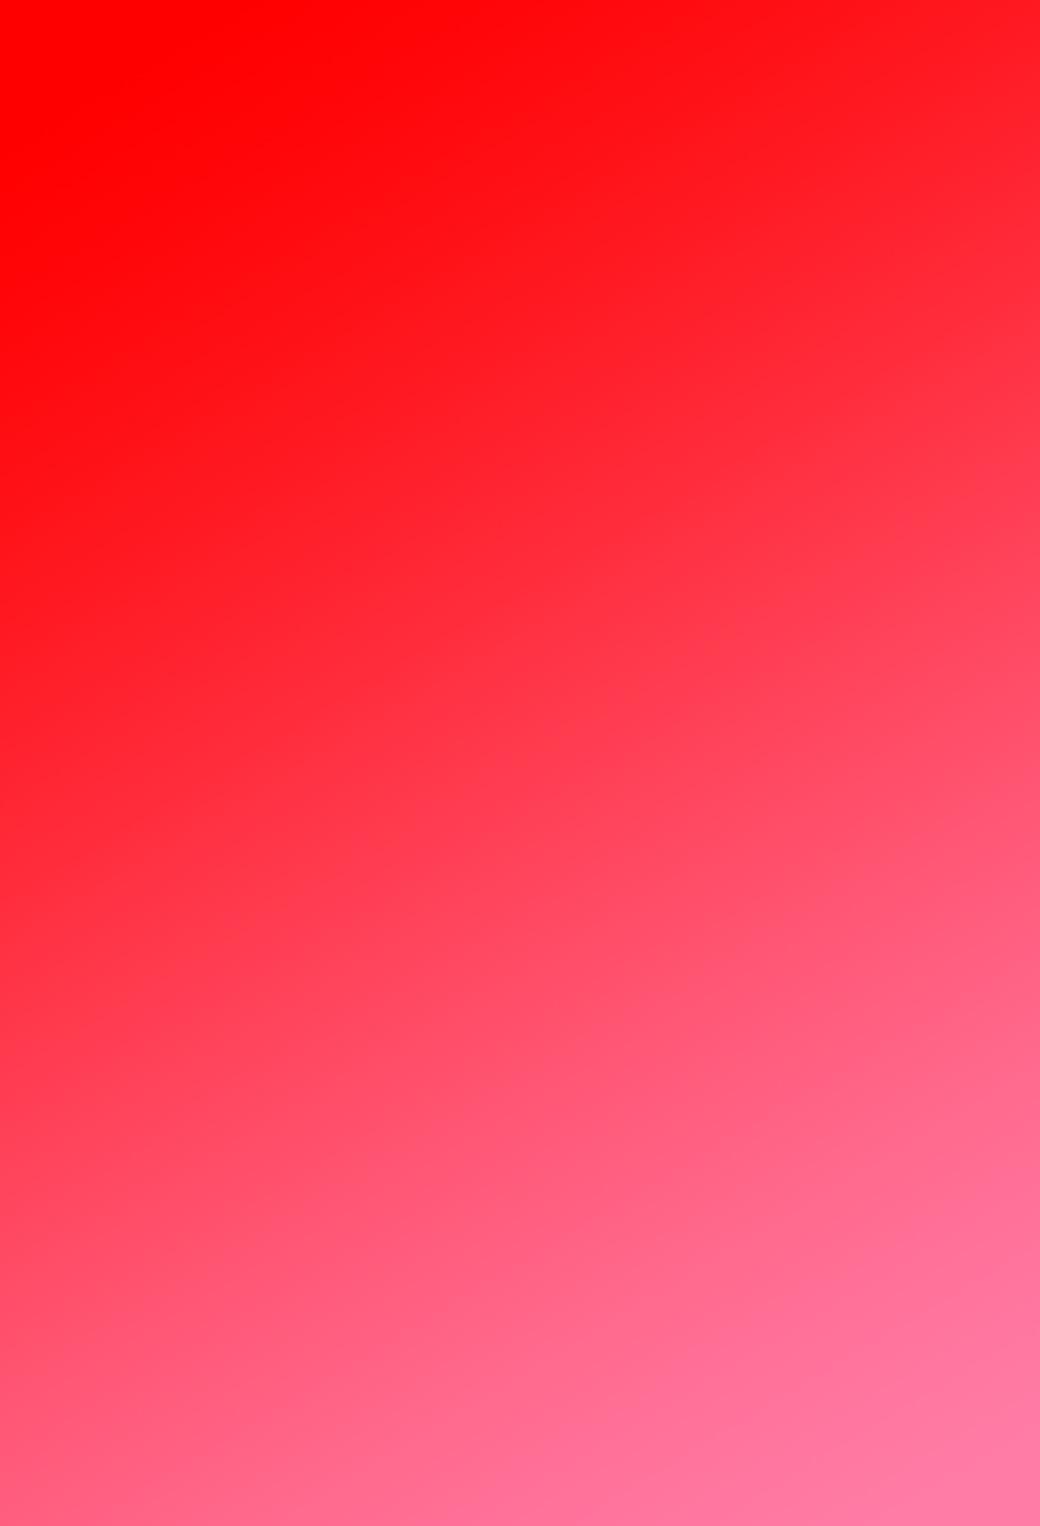 ダウンロード-赤色とピンク色 ...